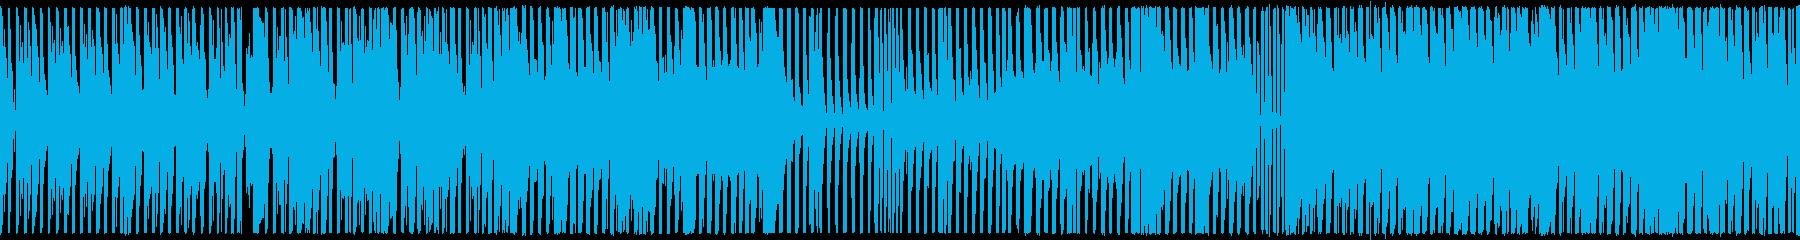 ループ,シリアス,アブノーマルBGMの再生済みの波形